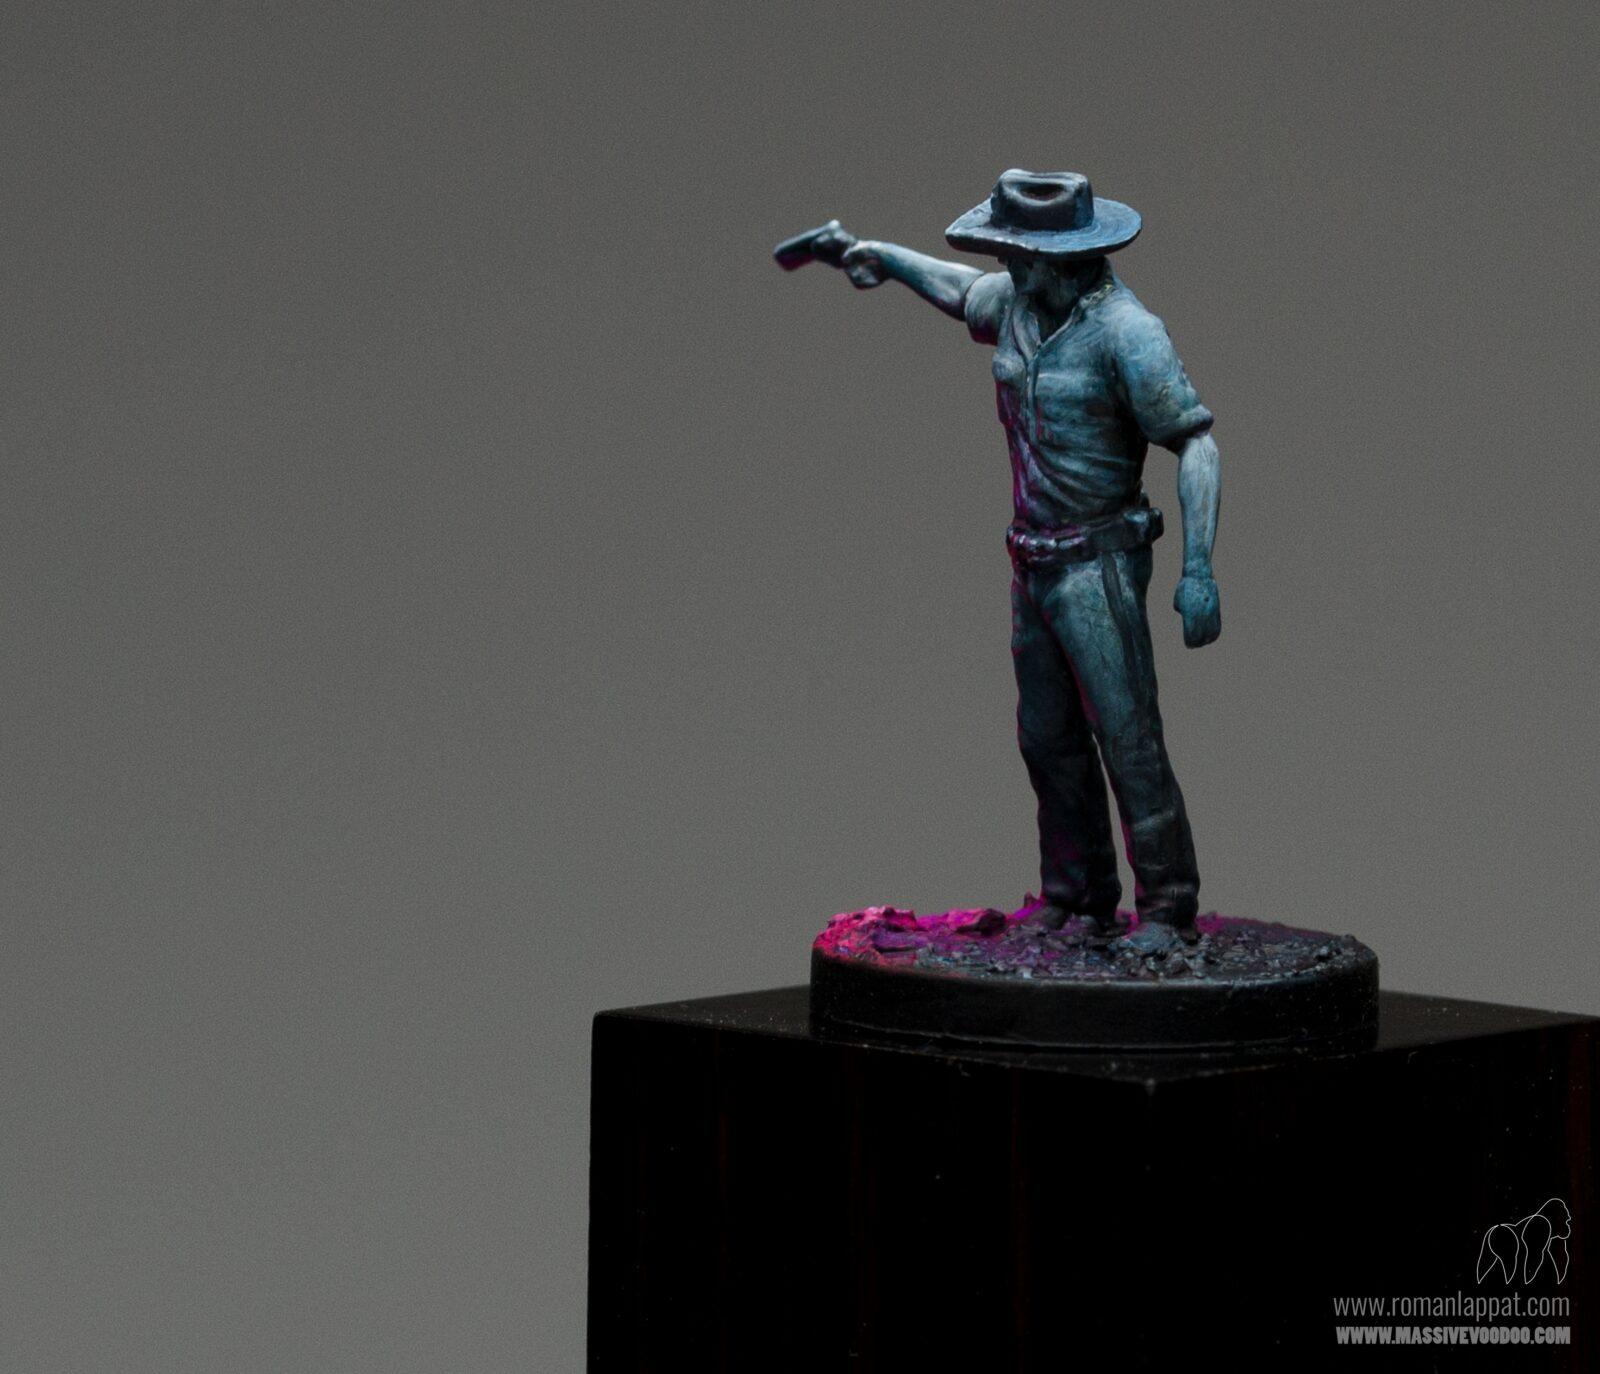 Tcowboy09